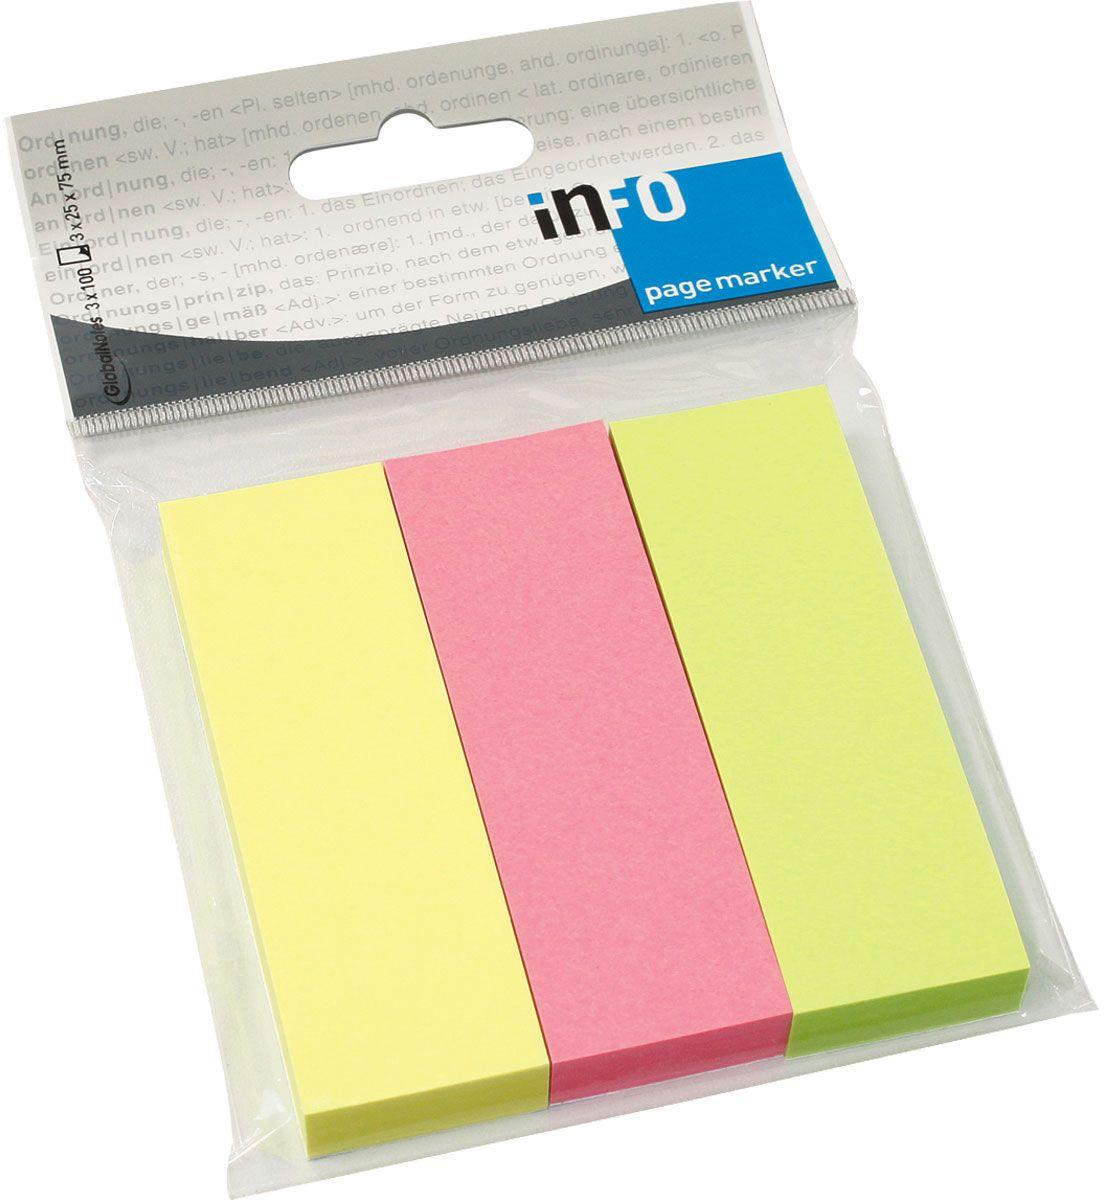 Global Notes Блок-закладка с липким слоем 300 листов567139Бумажные закладки с липким слоем предназначены для наиболее эффективного выделения важной информации без повреждения книги или документа. Идеально подходят для быстрой и эффективной работы - просто выдели и найди. Размер 25х75 мм. 100 листов, 3 цветаТолщина бумаги 50 мкр.